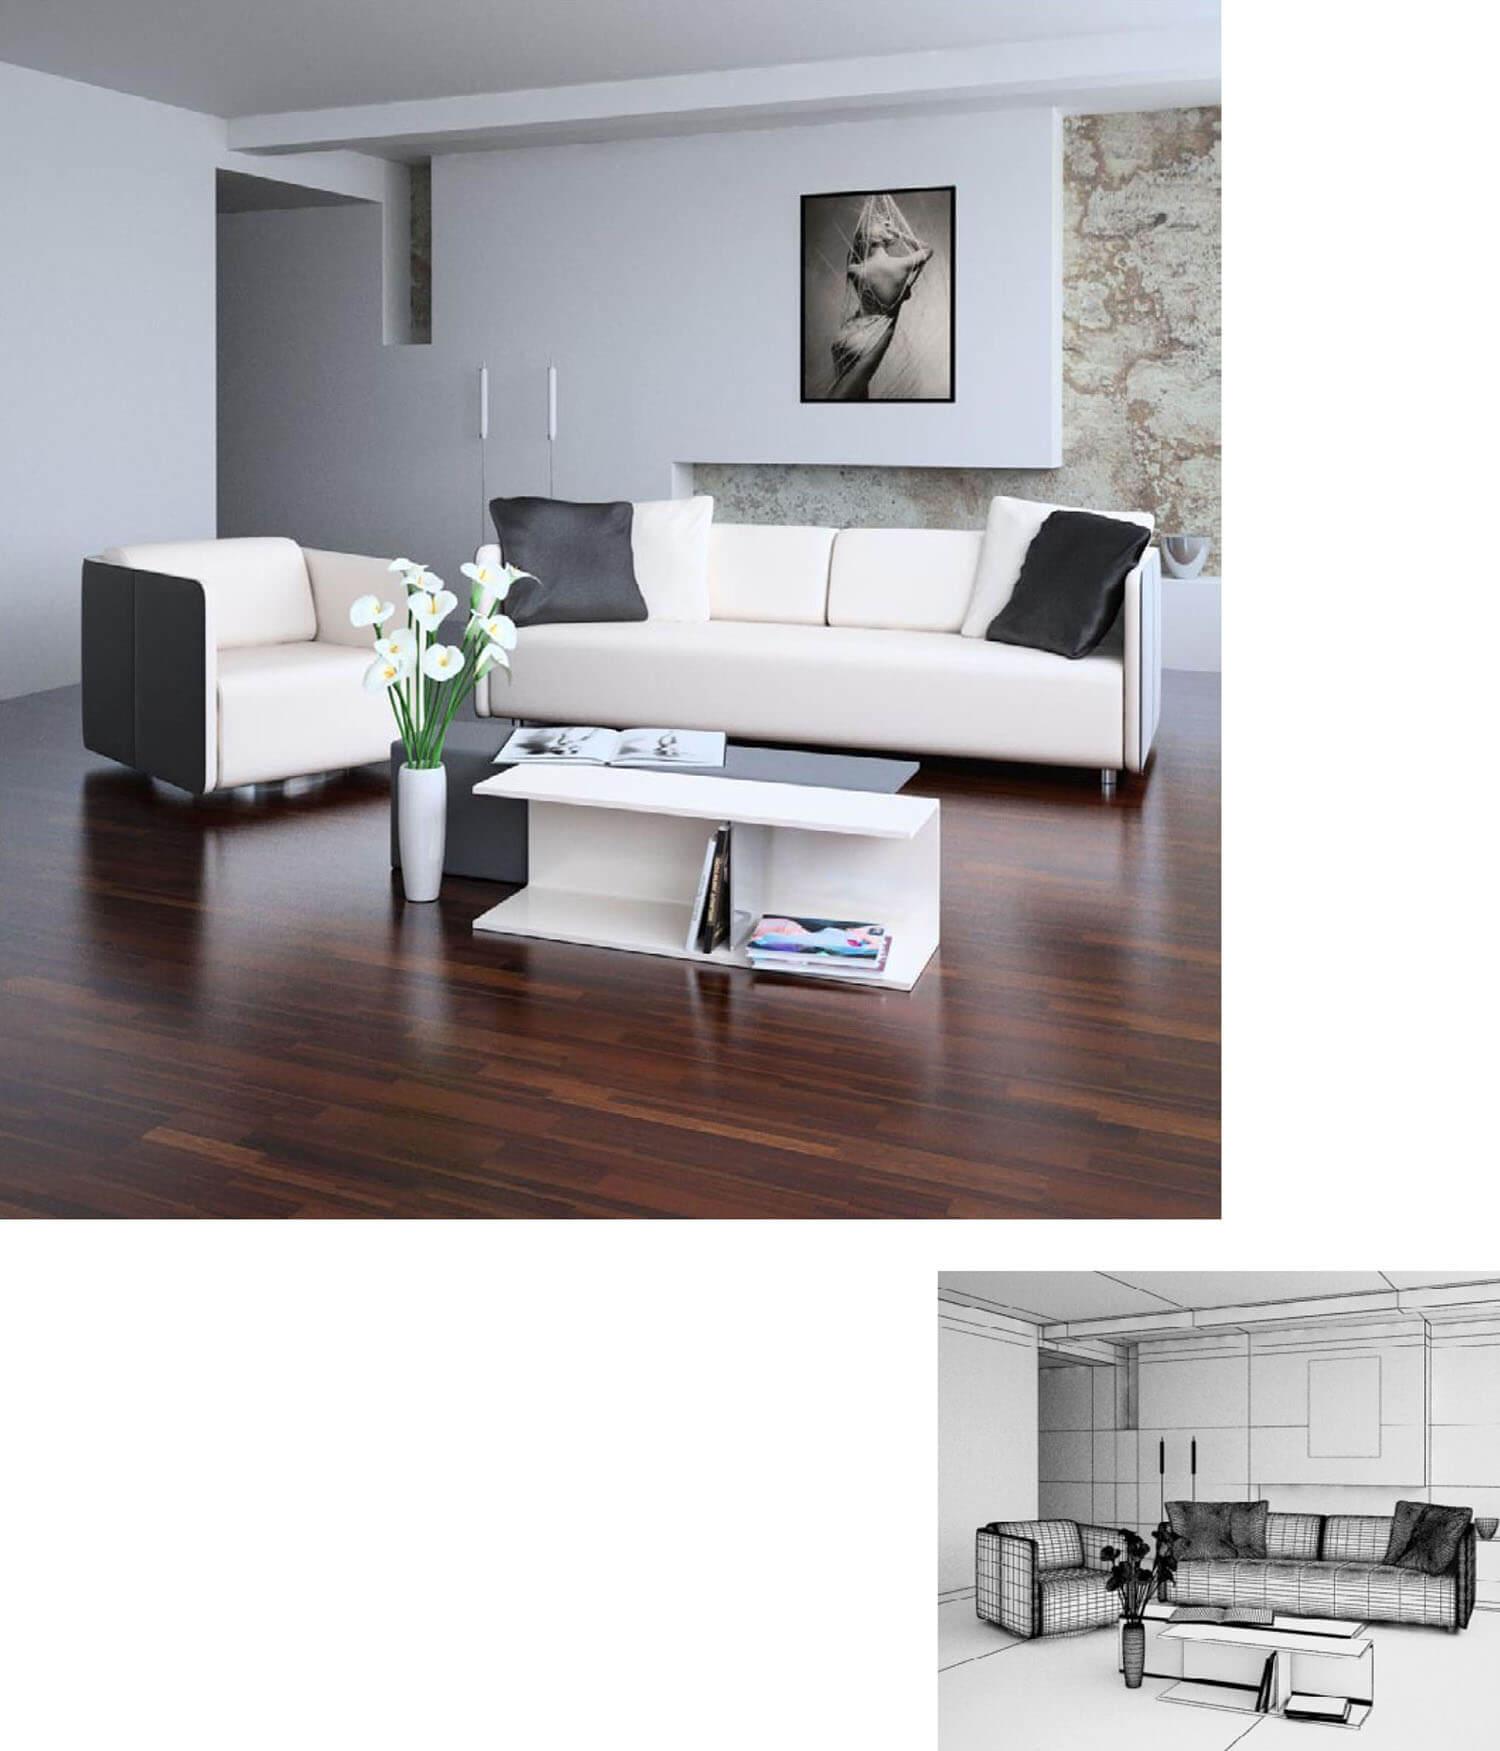 tường thạch cao được thiết kế công phu trong mẫu thiết kế phòng khách này